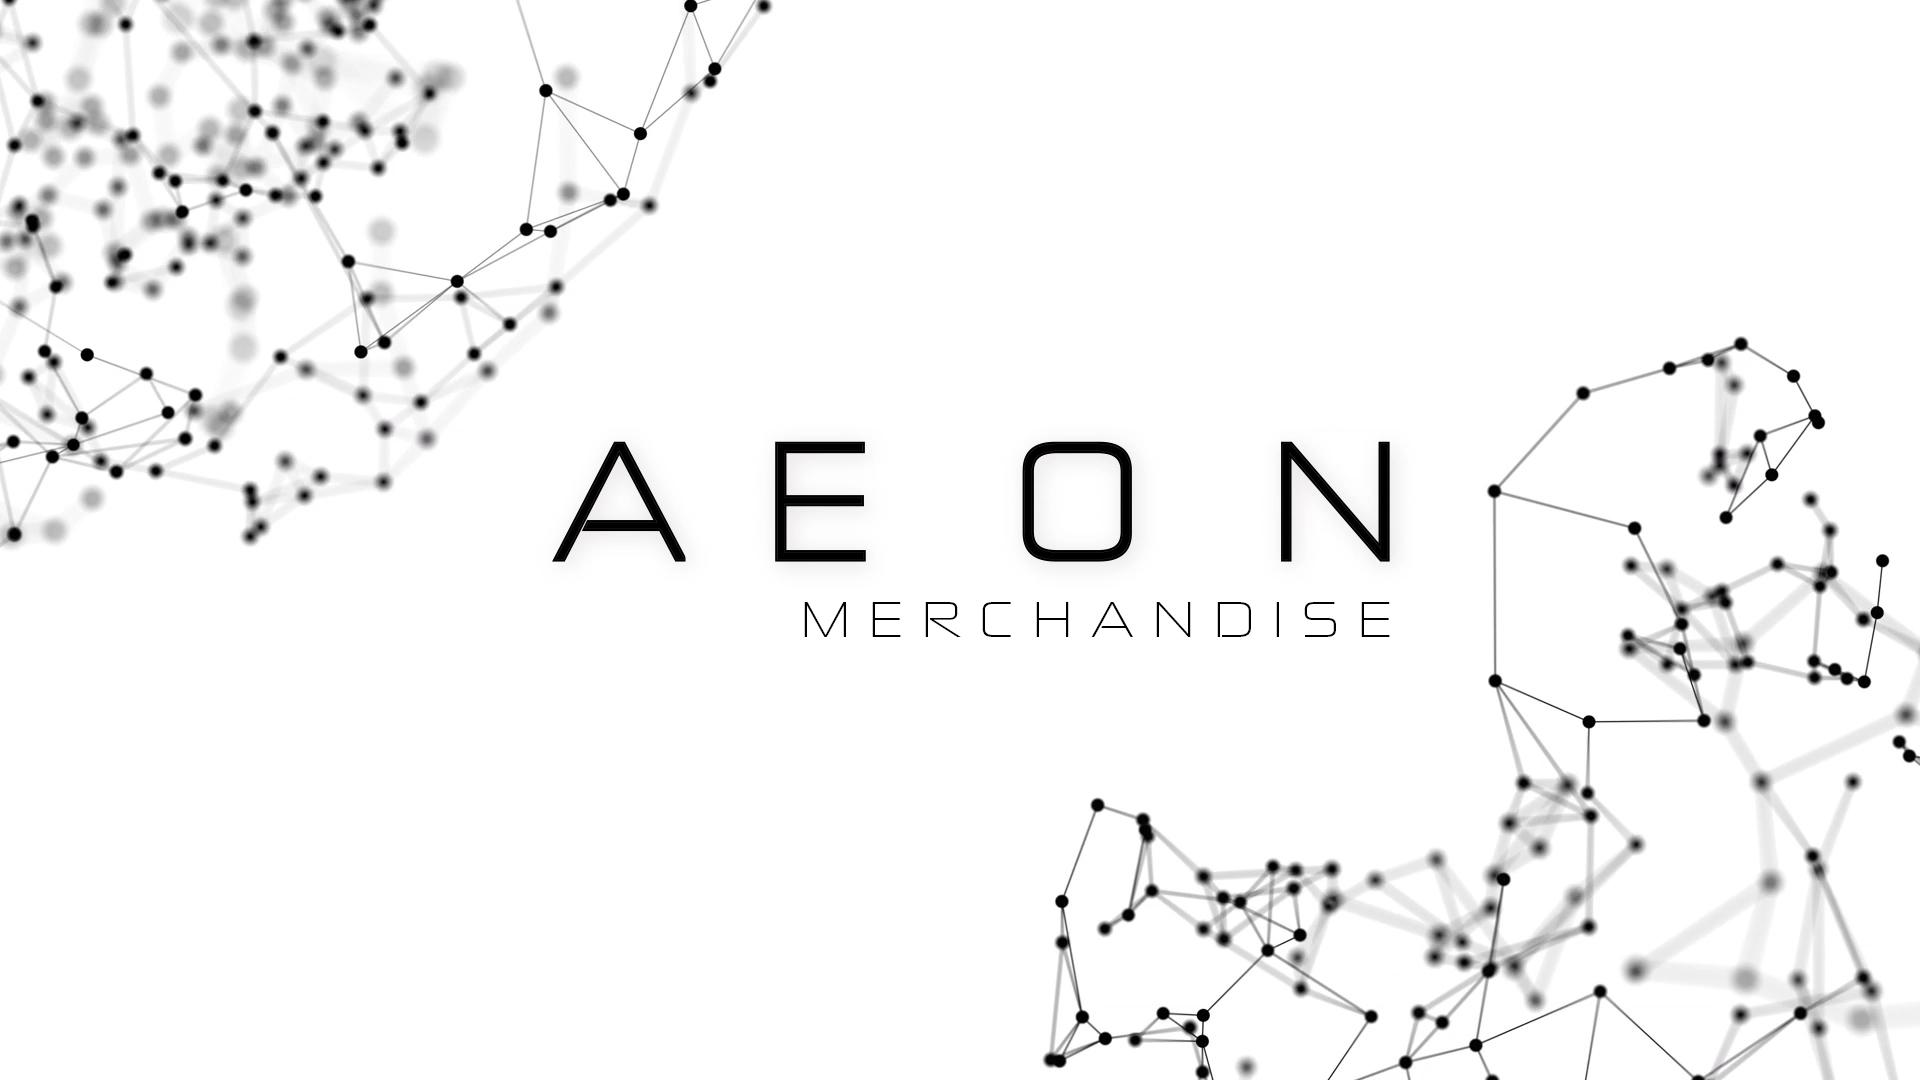 Aeon-merchandise.jpg